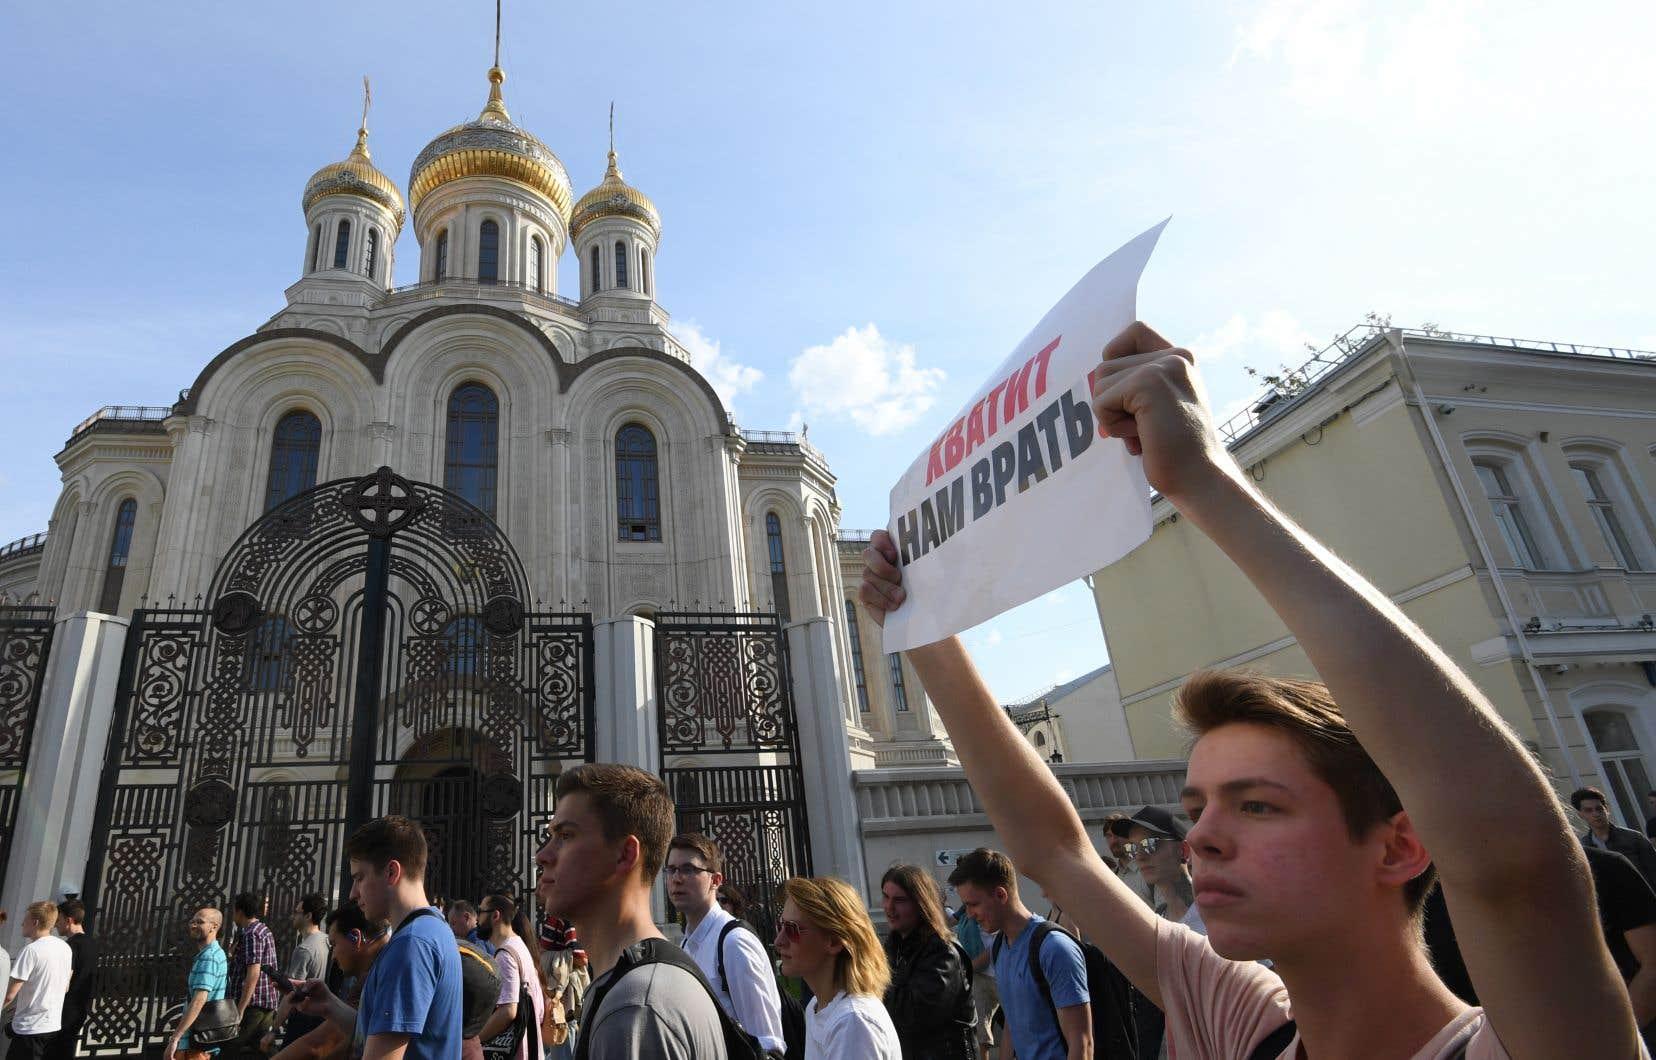 Il s'agira du 4e samedi consécutif de mobilisation pour queles 57 candidats d'opposition rejetés mi-juillet par la commission électorale puissent participer aux élections du Parlement de Moscou.